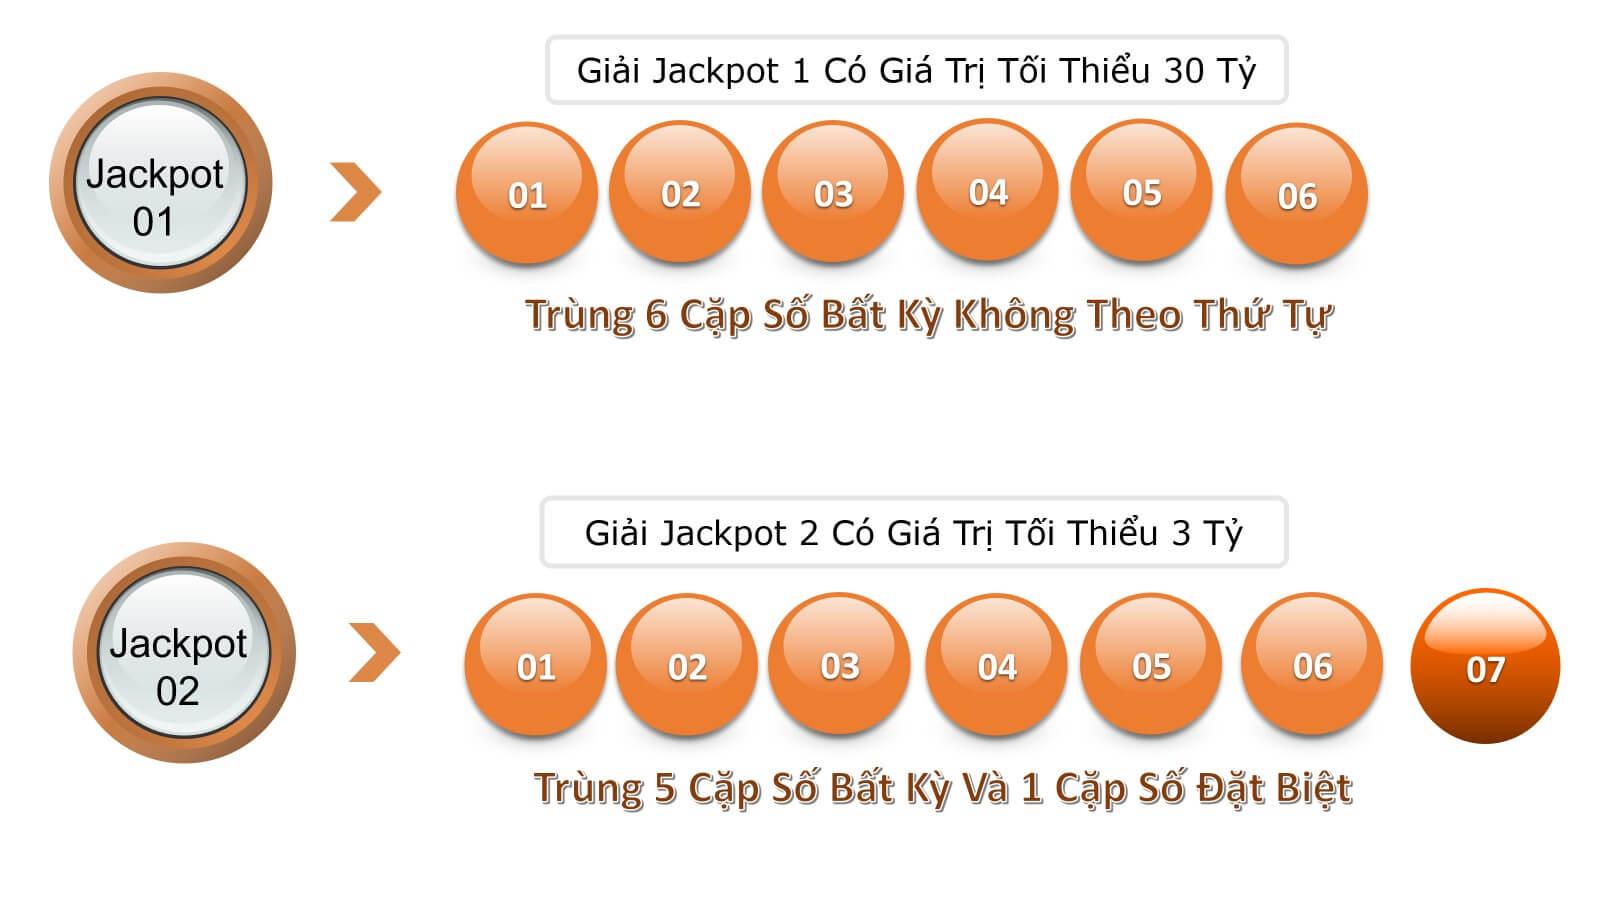 Cơ cấu giải thưởng Jackpot như thế nào?